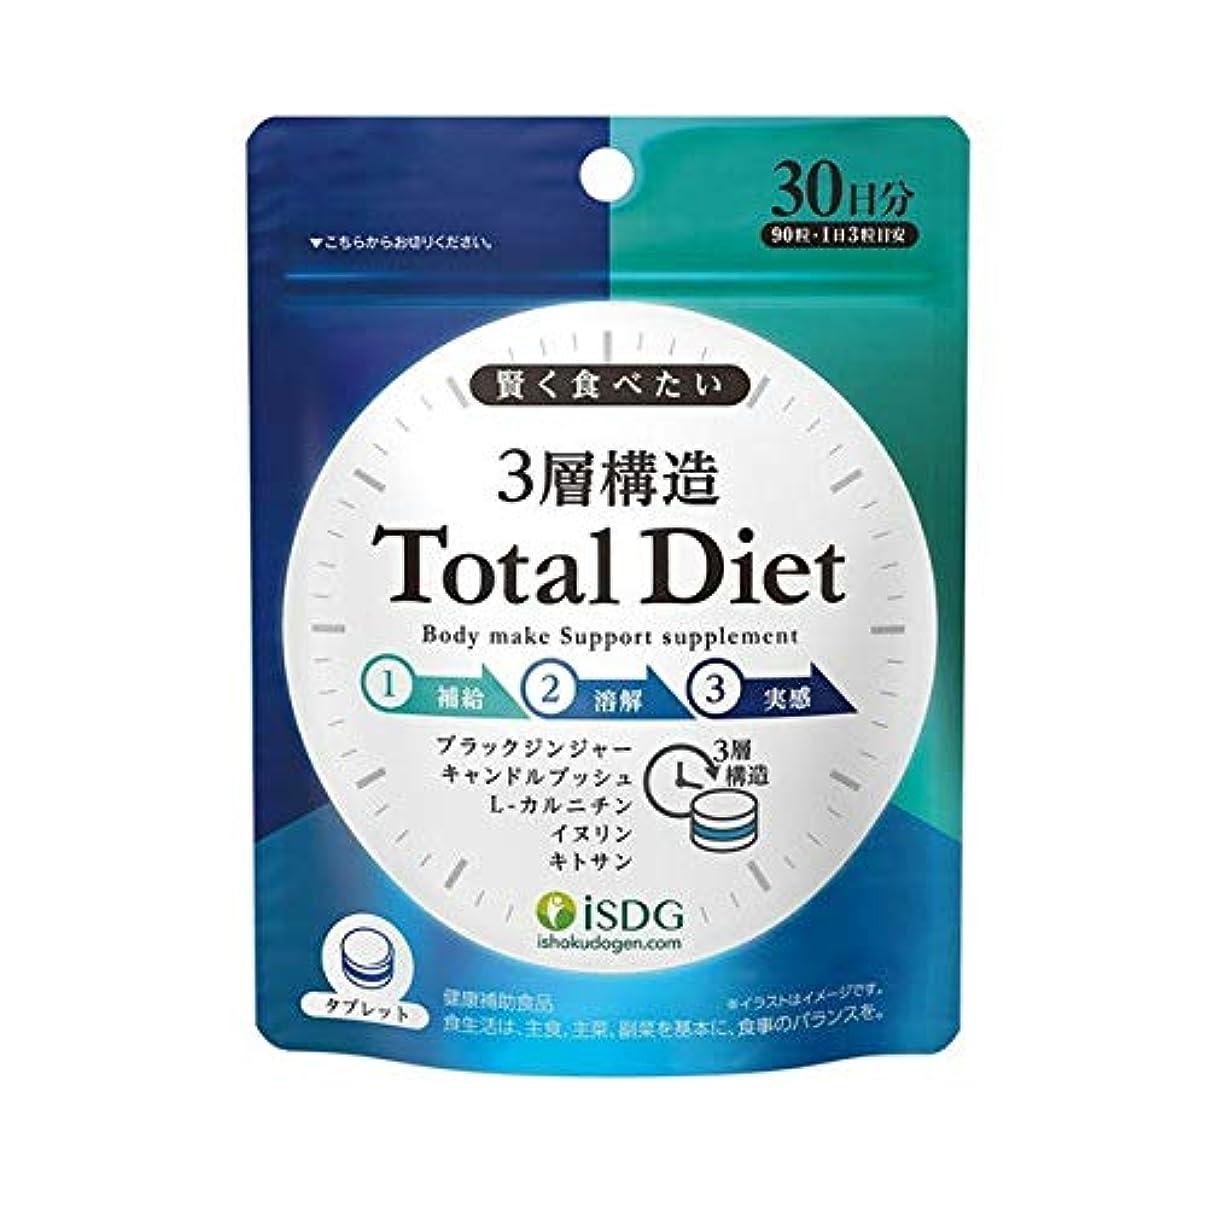 確立小麦粉マニュアル医食同源ドットコム ISDG 3層構造 Total Diet 90粒入 トータル ダイエット×5個セット